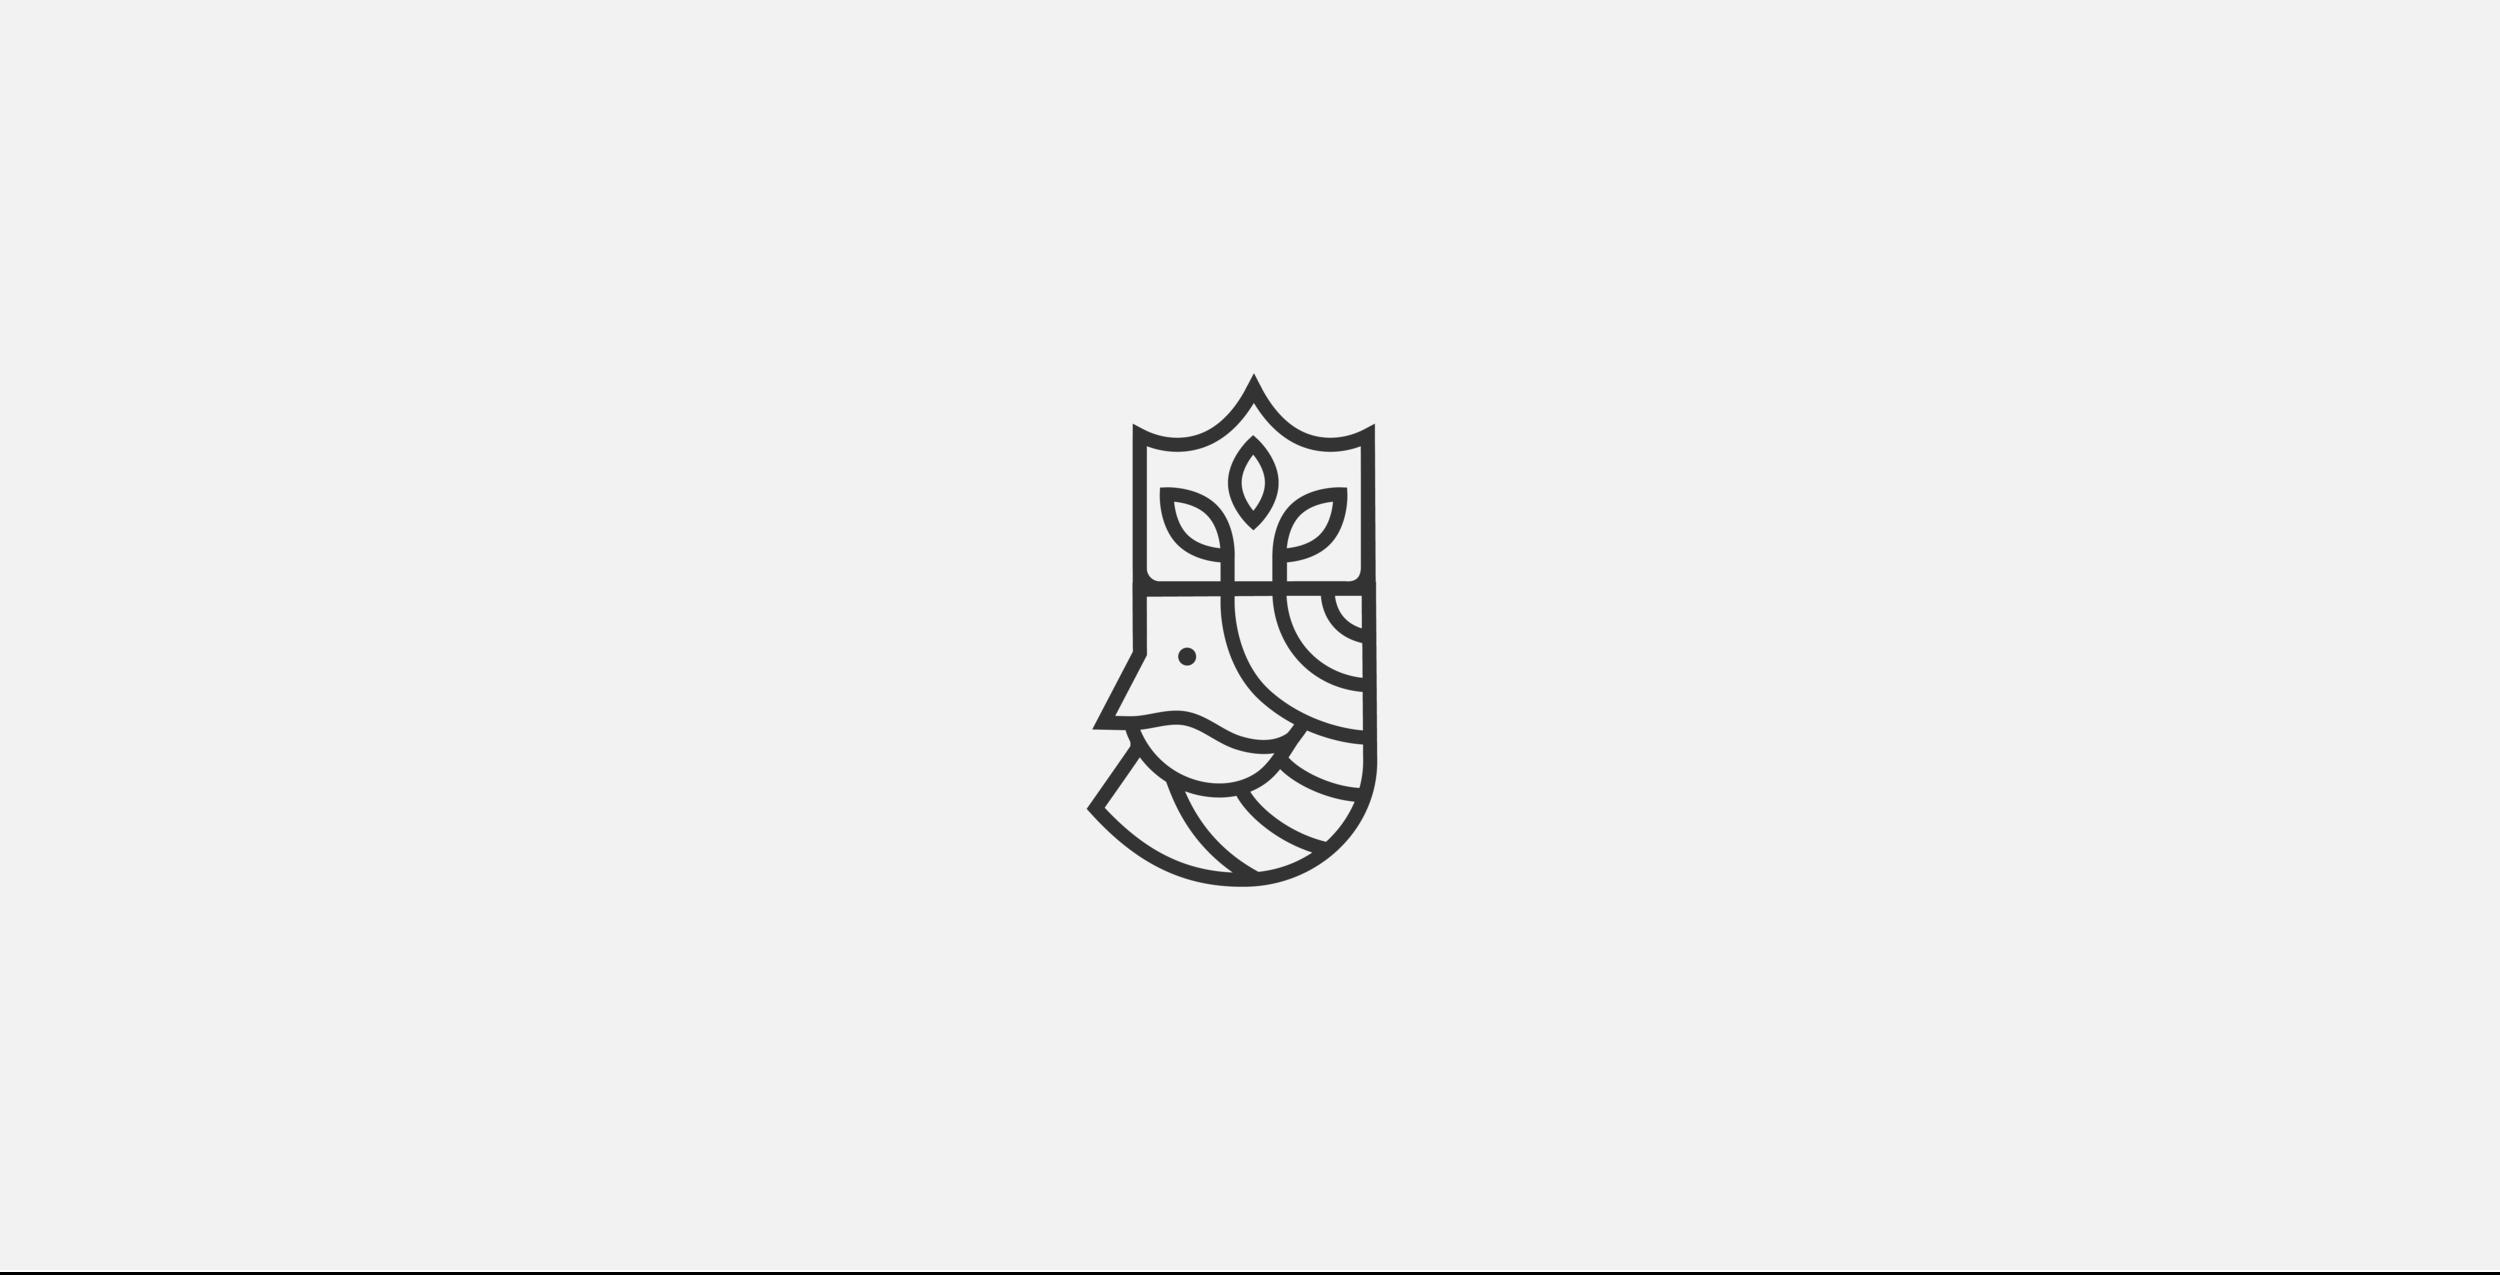 Logos3-14.png